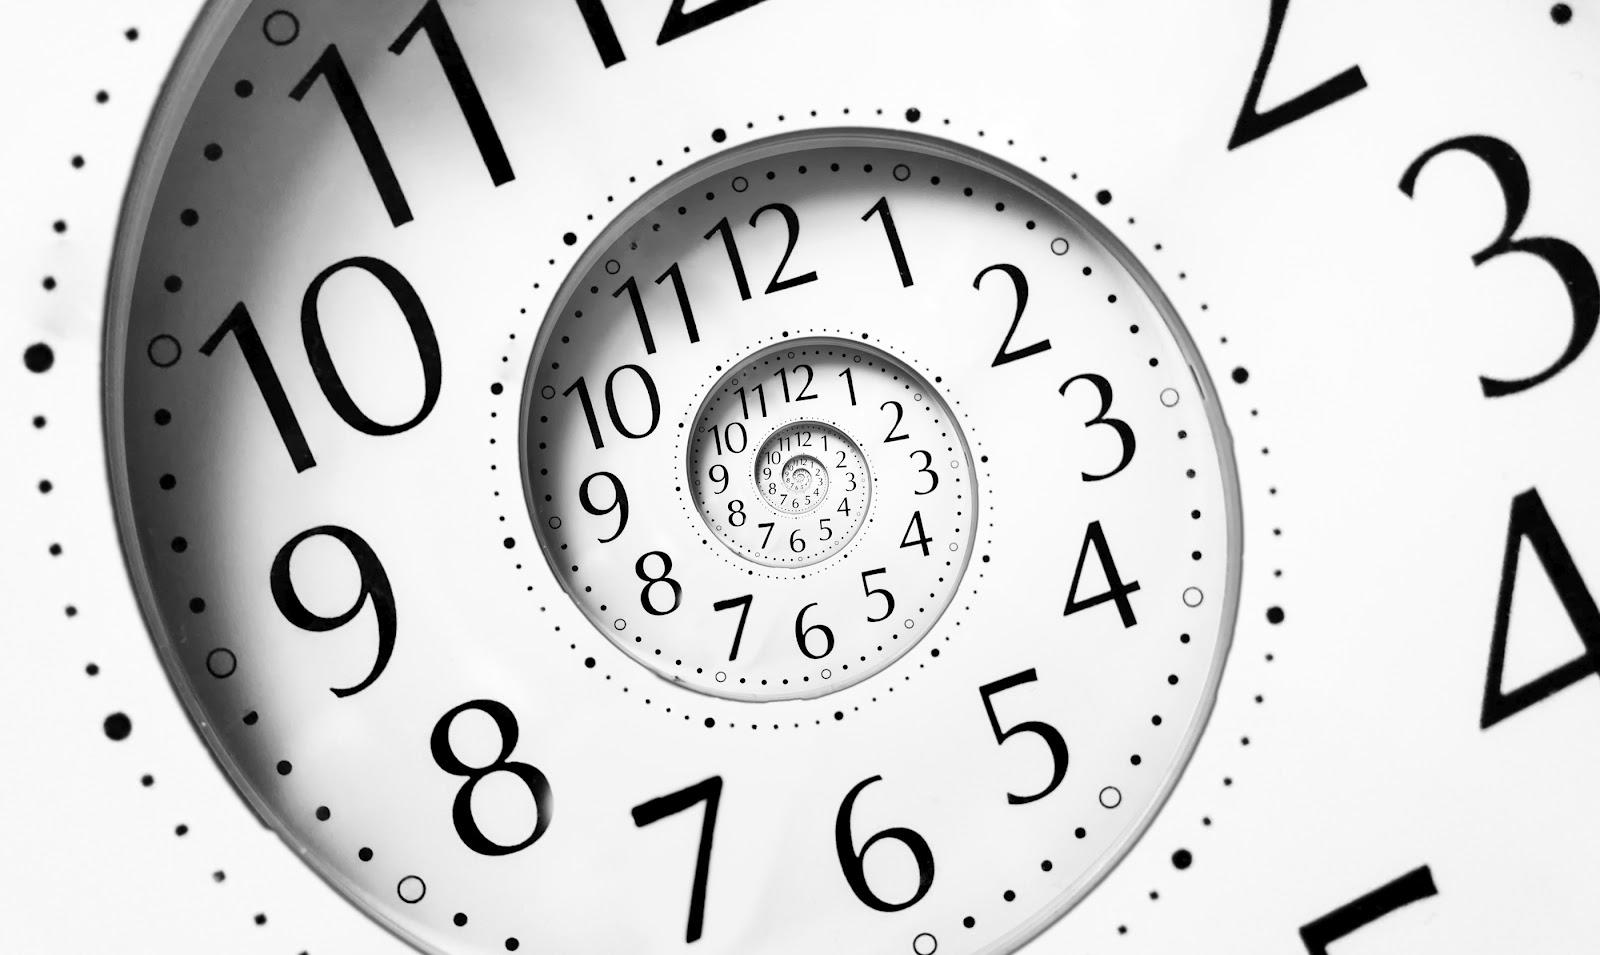 Cuánto tiempo tarda la recuperación de datos